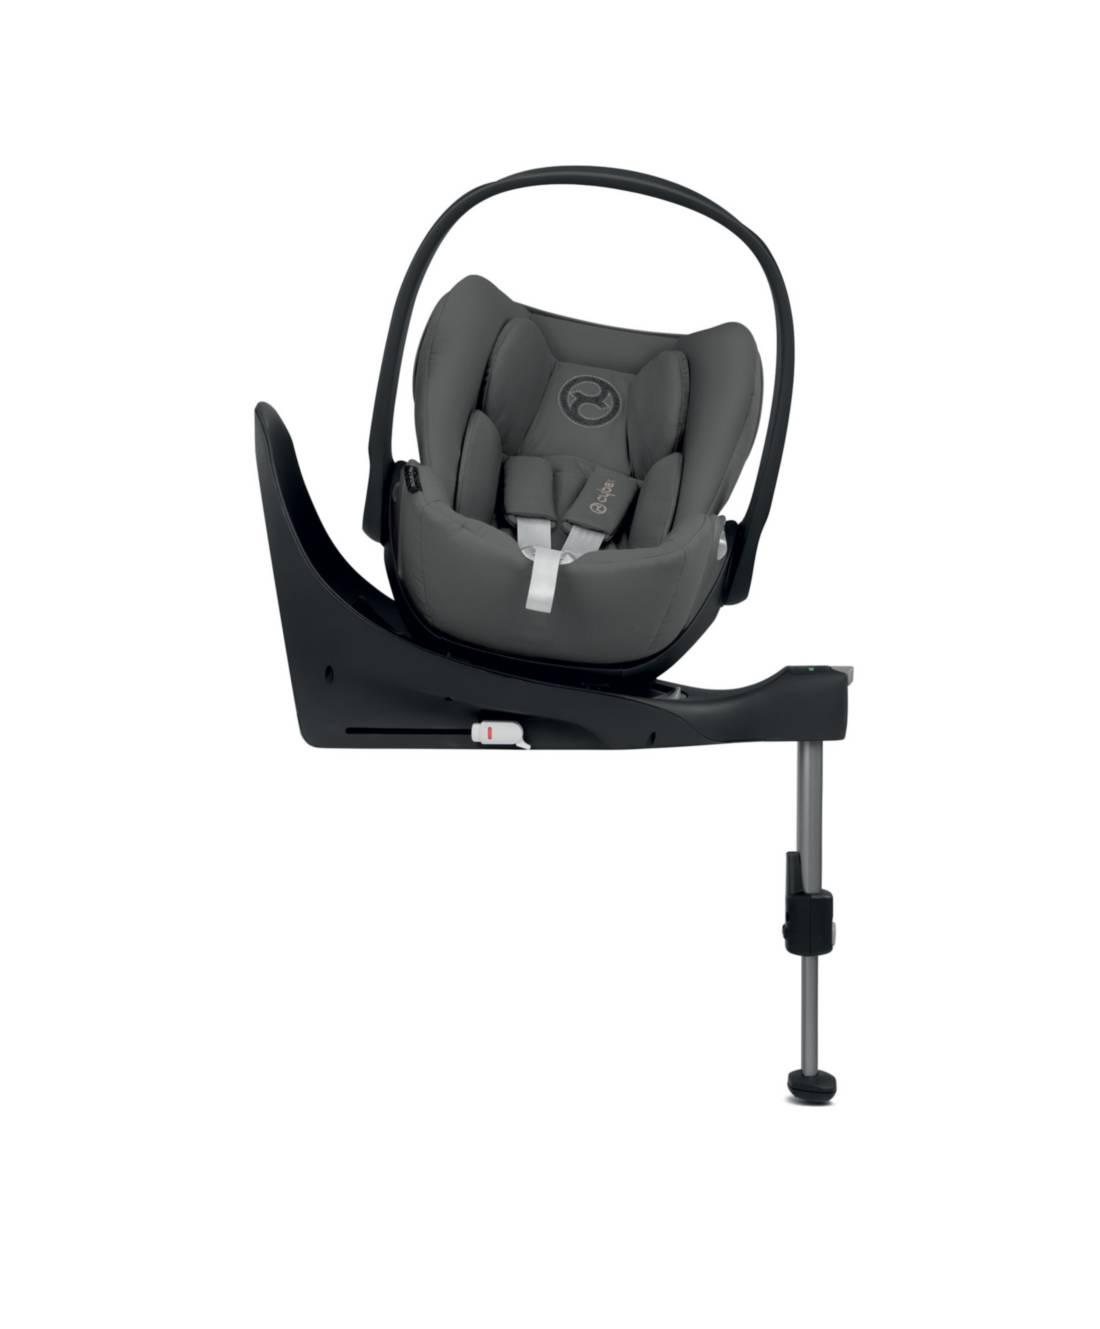 Cybex Cloud Z I-Size + ISOFIX Base Manhattan Grey Bērnu autosēdeklis 0-13 kg